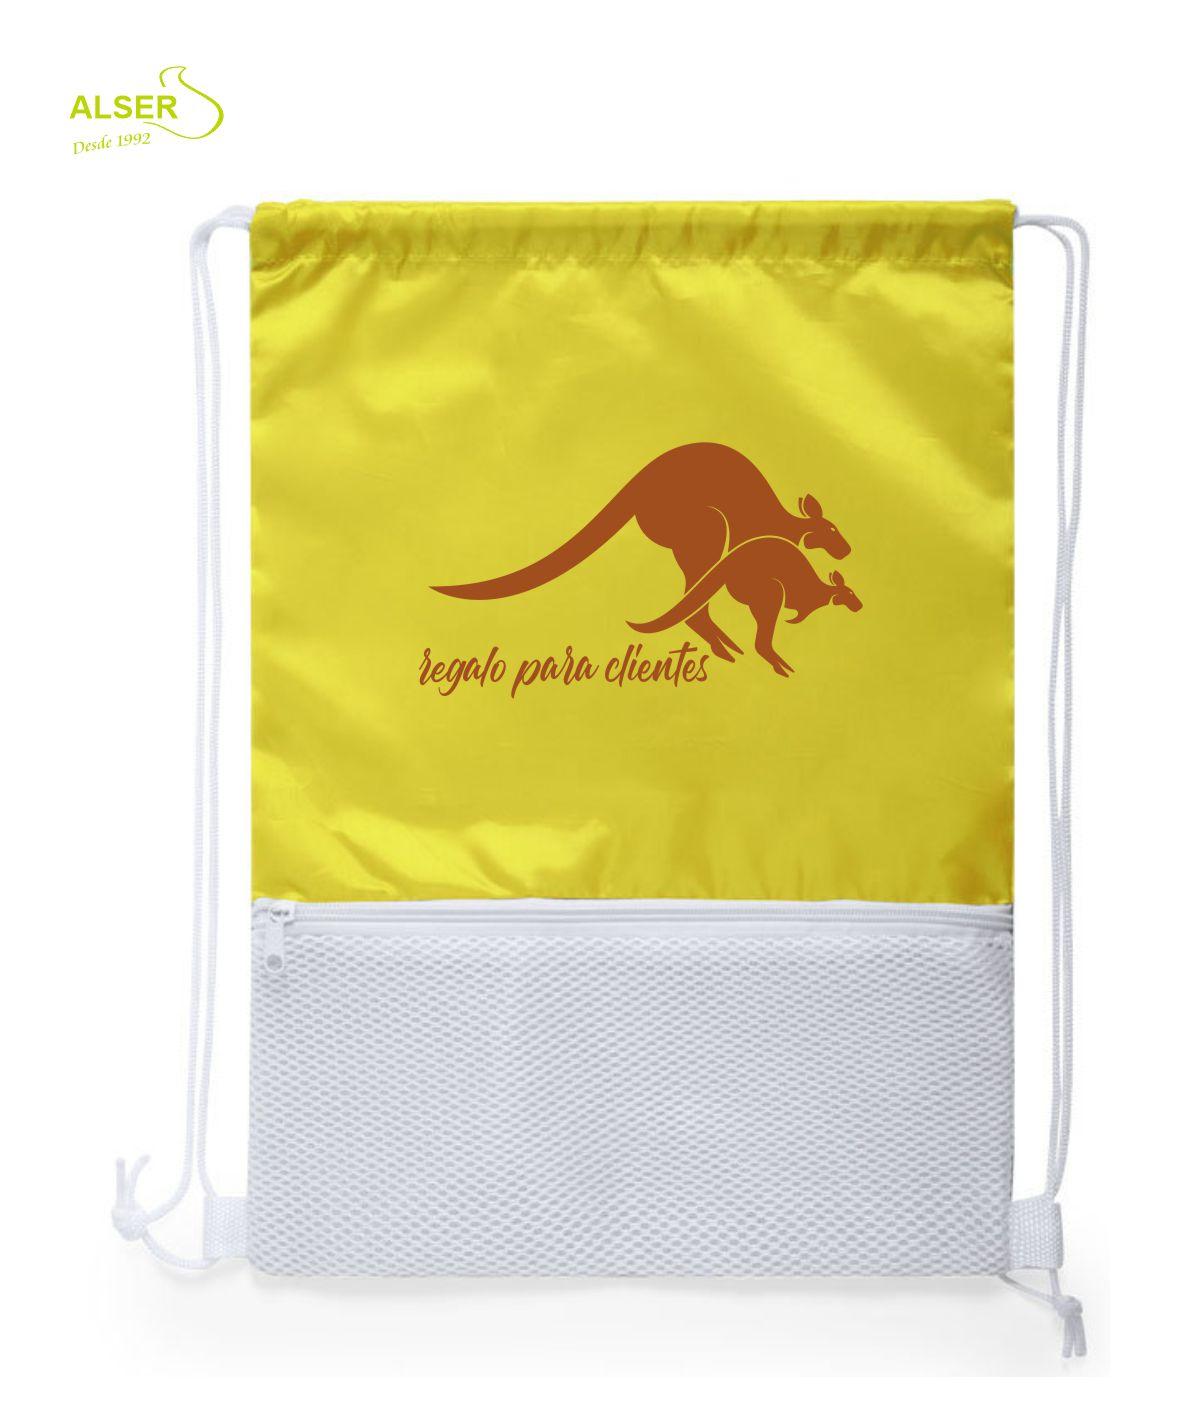 mochila saco con cremallera amarilla